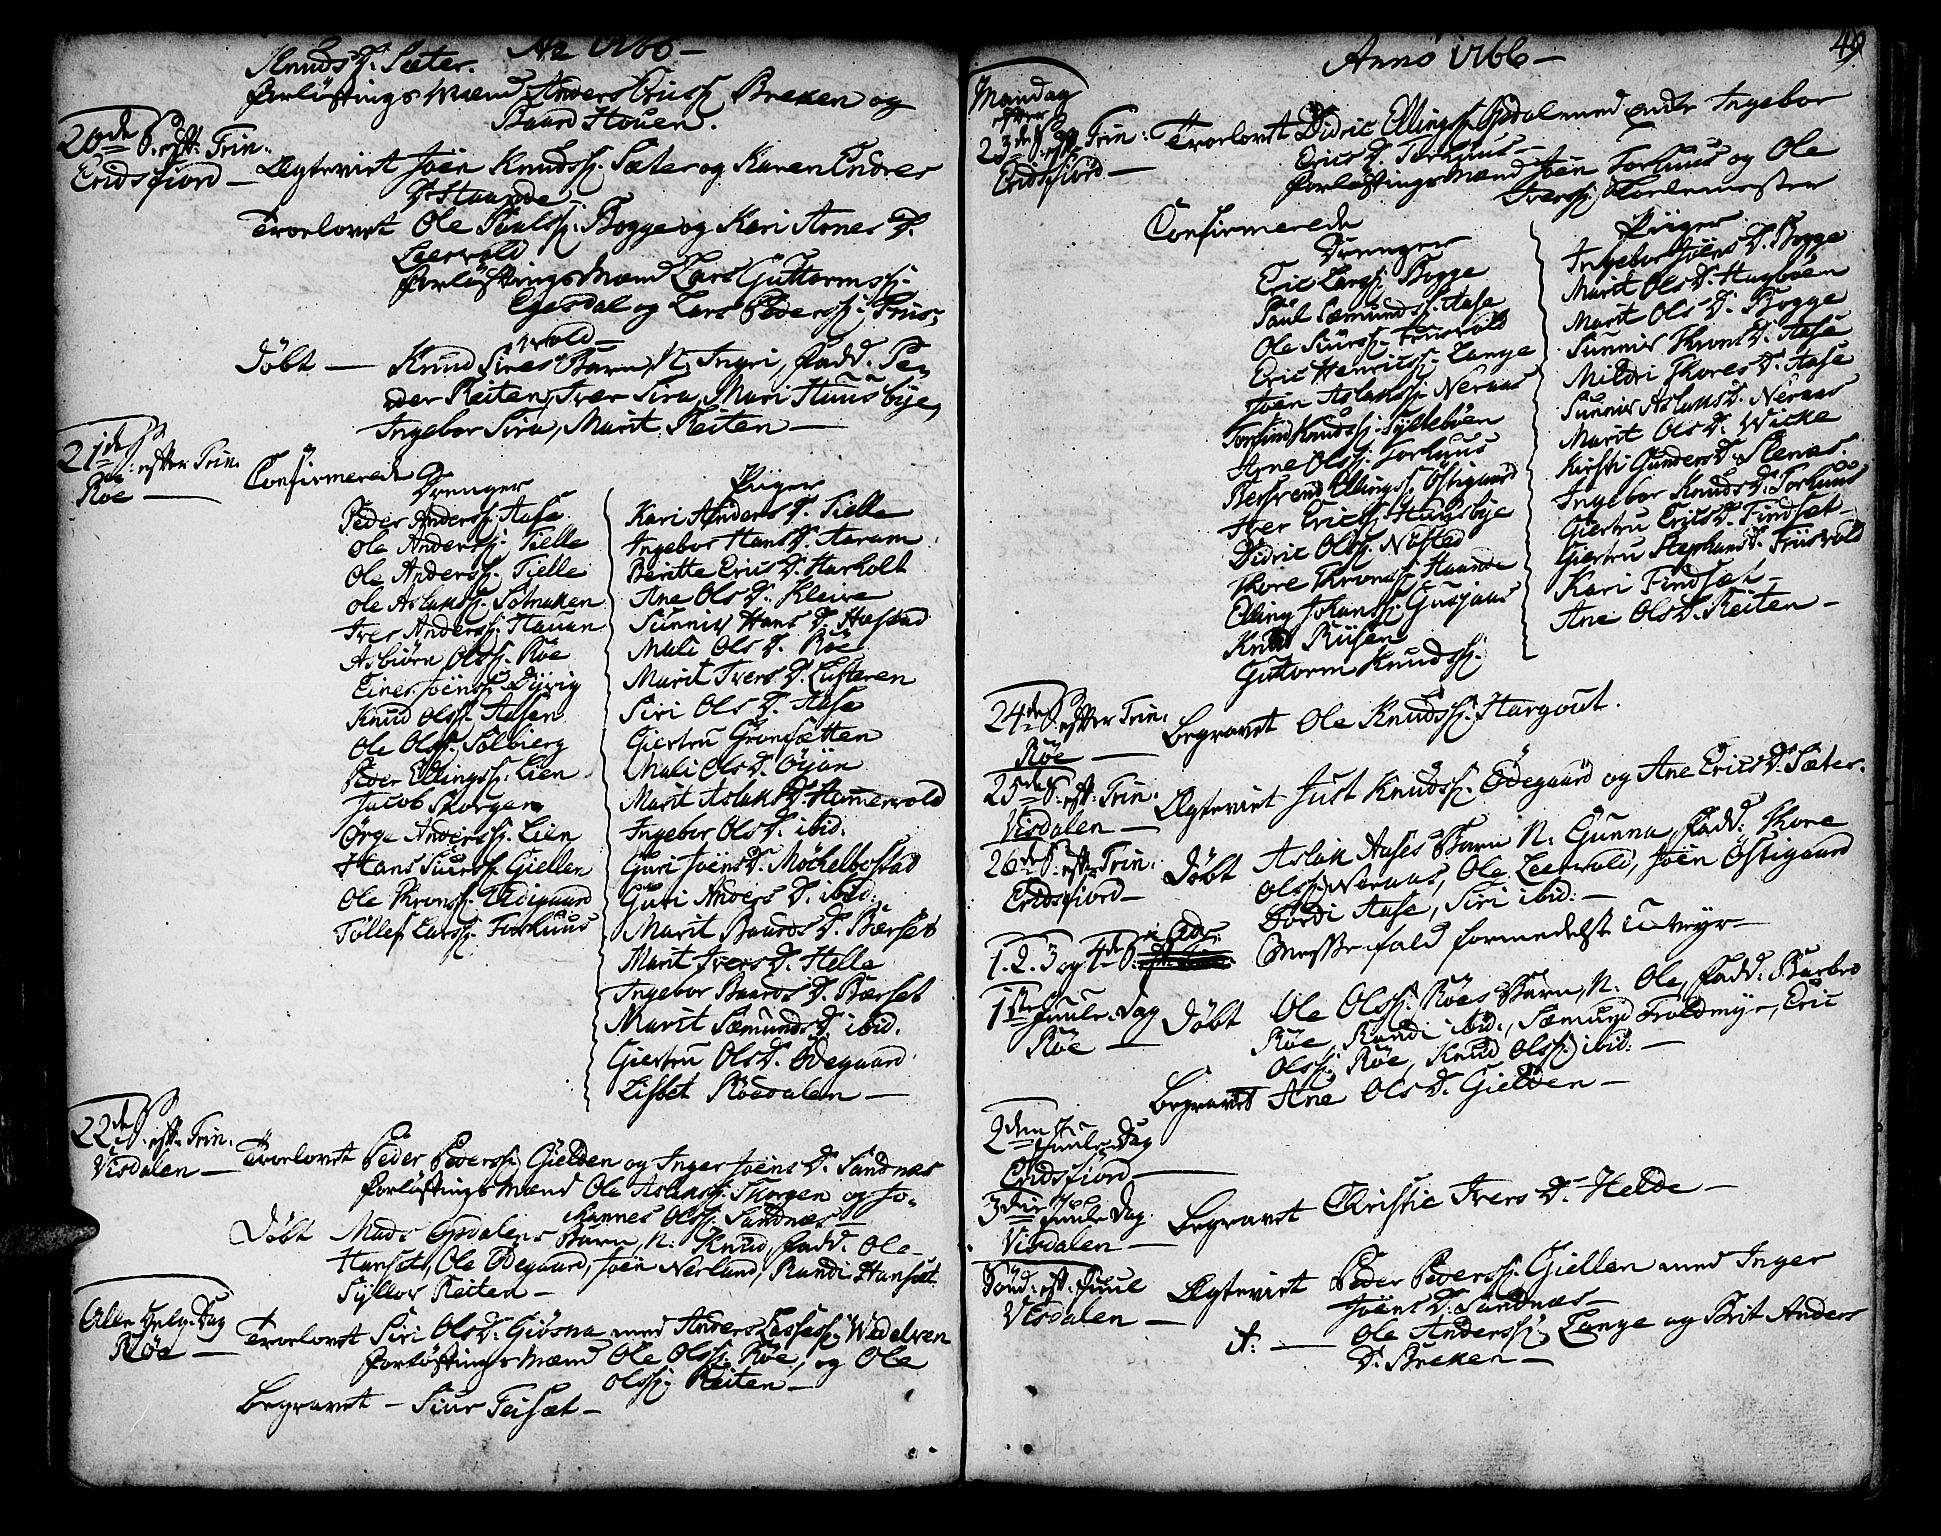 SAT, Ministerialprotokoller, klokkerbøker og fødselsregistre - Møre og Romsdal, 551/L0621: Ministerialbok nr. 551A01, 1757-1803, s. 49